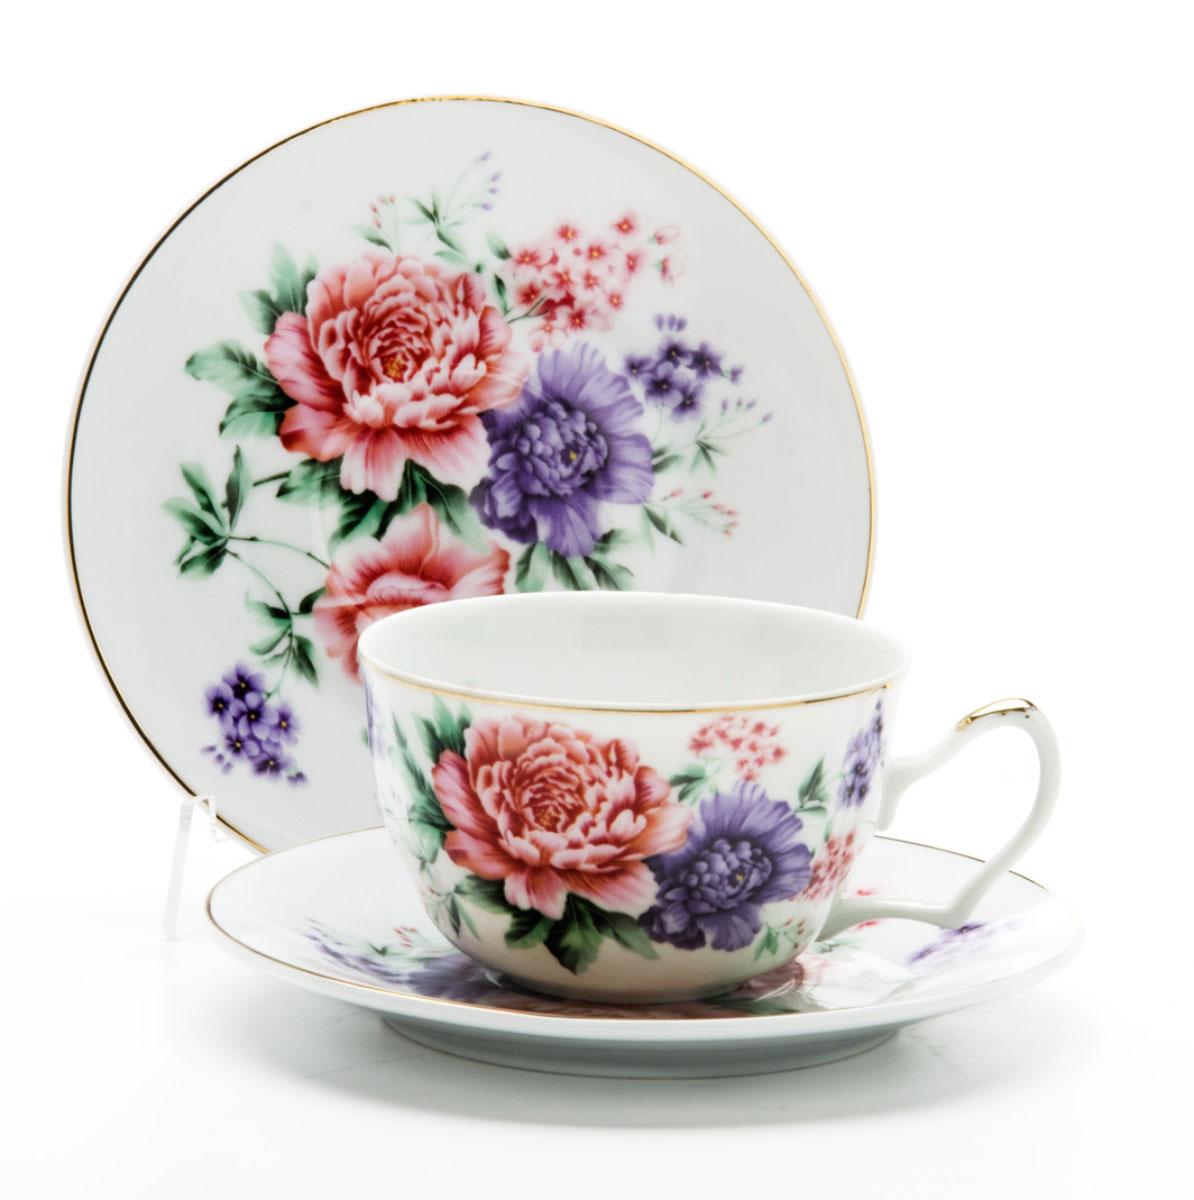 Чайная пара Loraine, 250 мл, 4 предмета. 2459624596Этот чайный набор, выполненный из керамики, состоит из двух чашек и двух блюдец. Предметы набора оформлены ярким изображением цветов. Изящный дизайн и красочность оформления придутся по вкусу и ценителям классики, и тем, кто предпочитает утонченность и изысканность. Чайный набор - идеальный и необходимый подарок для вашего дома и для ваших друзей в праздники, юбилеи и торжества! Он также станет отличным корпоративным подарком и украшением любой кухни. Чайный набор упакован в подарочную коробку из плотного цветного картона. Внутренняя часть коробки задрапирована белым атласом.